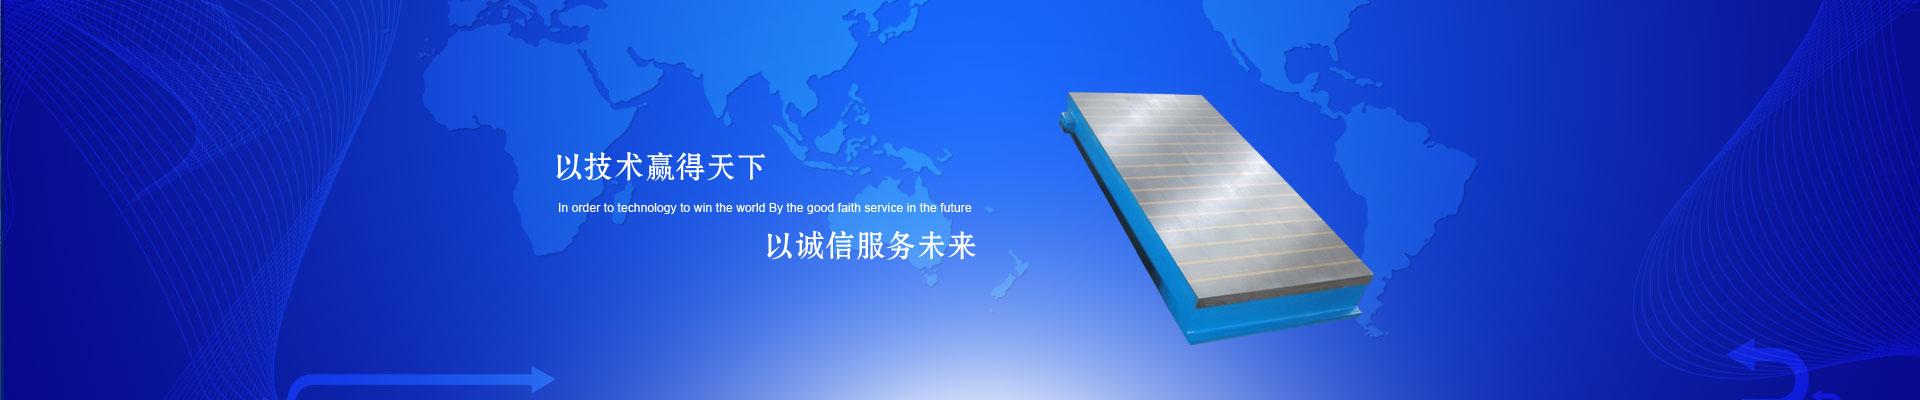 广州市贝莱特科技有限公司